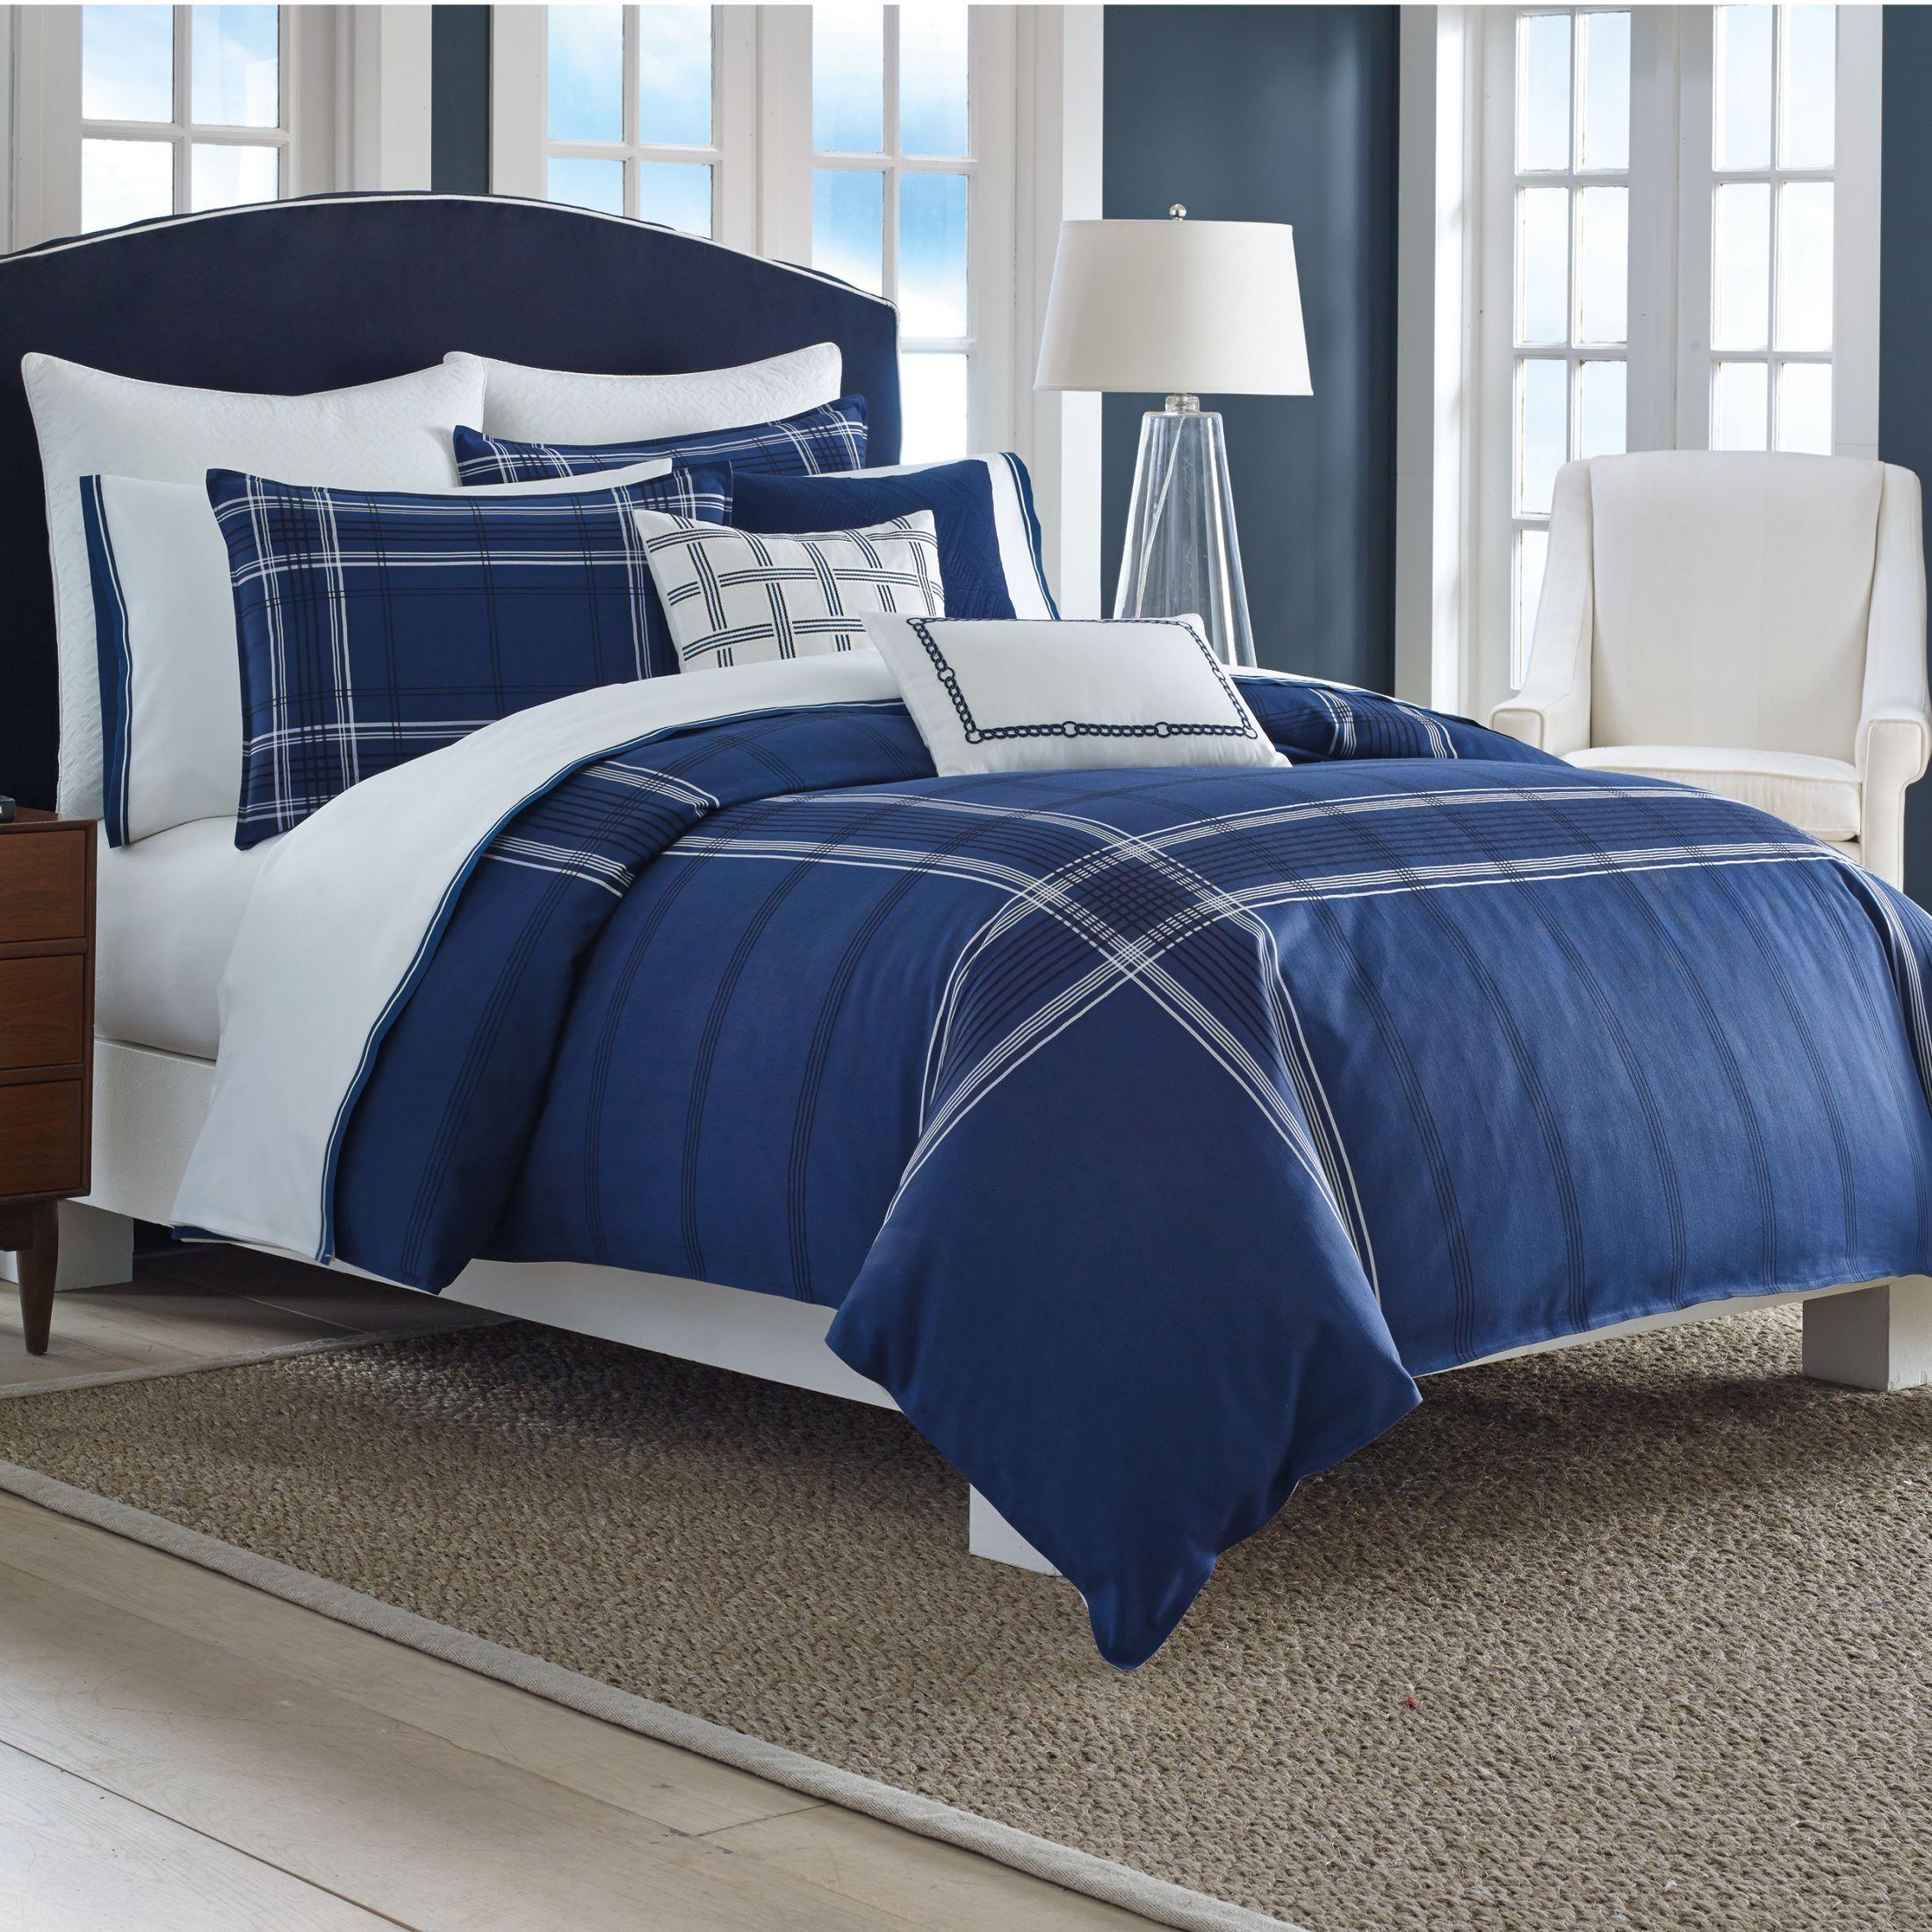 Blue Comforter SetNavy ComfortersNavy Blue Comforter Queen